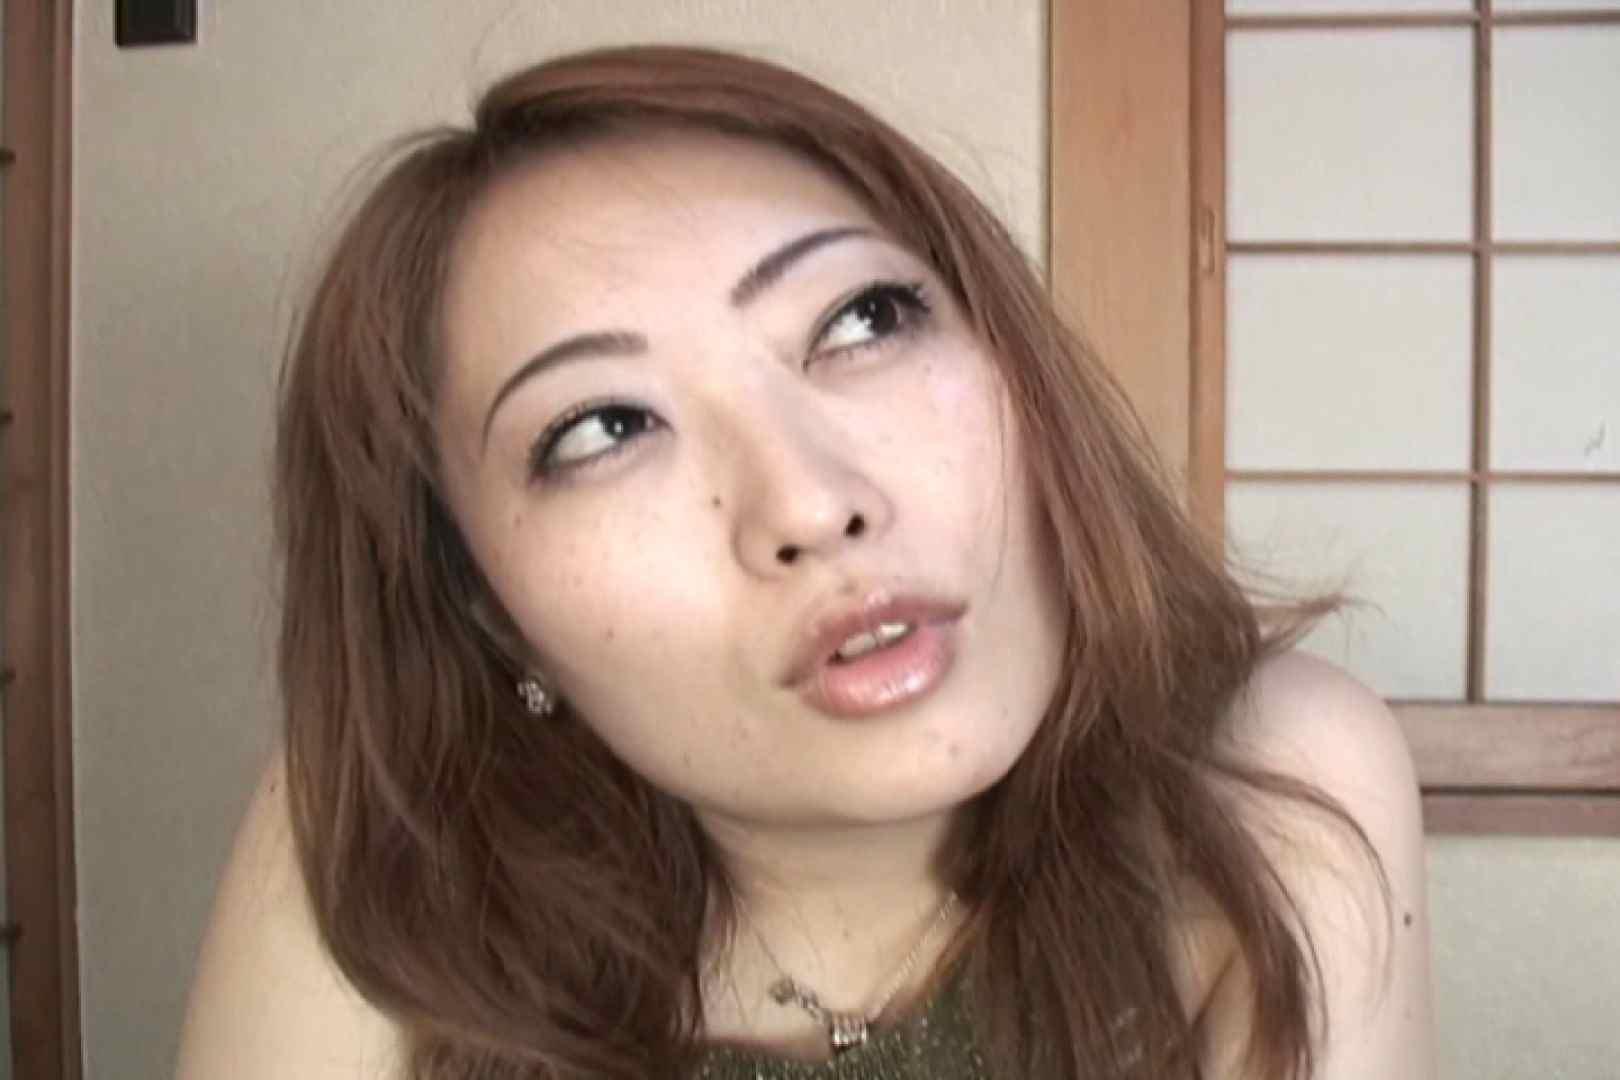 仕事で月200本のチンポを相手する22歳若人妻~桜井あい~ 人妻のエッチ | 熟女のエッチ  108pic 105